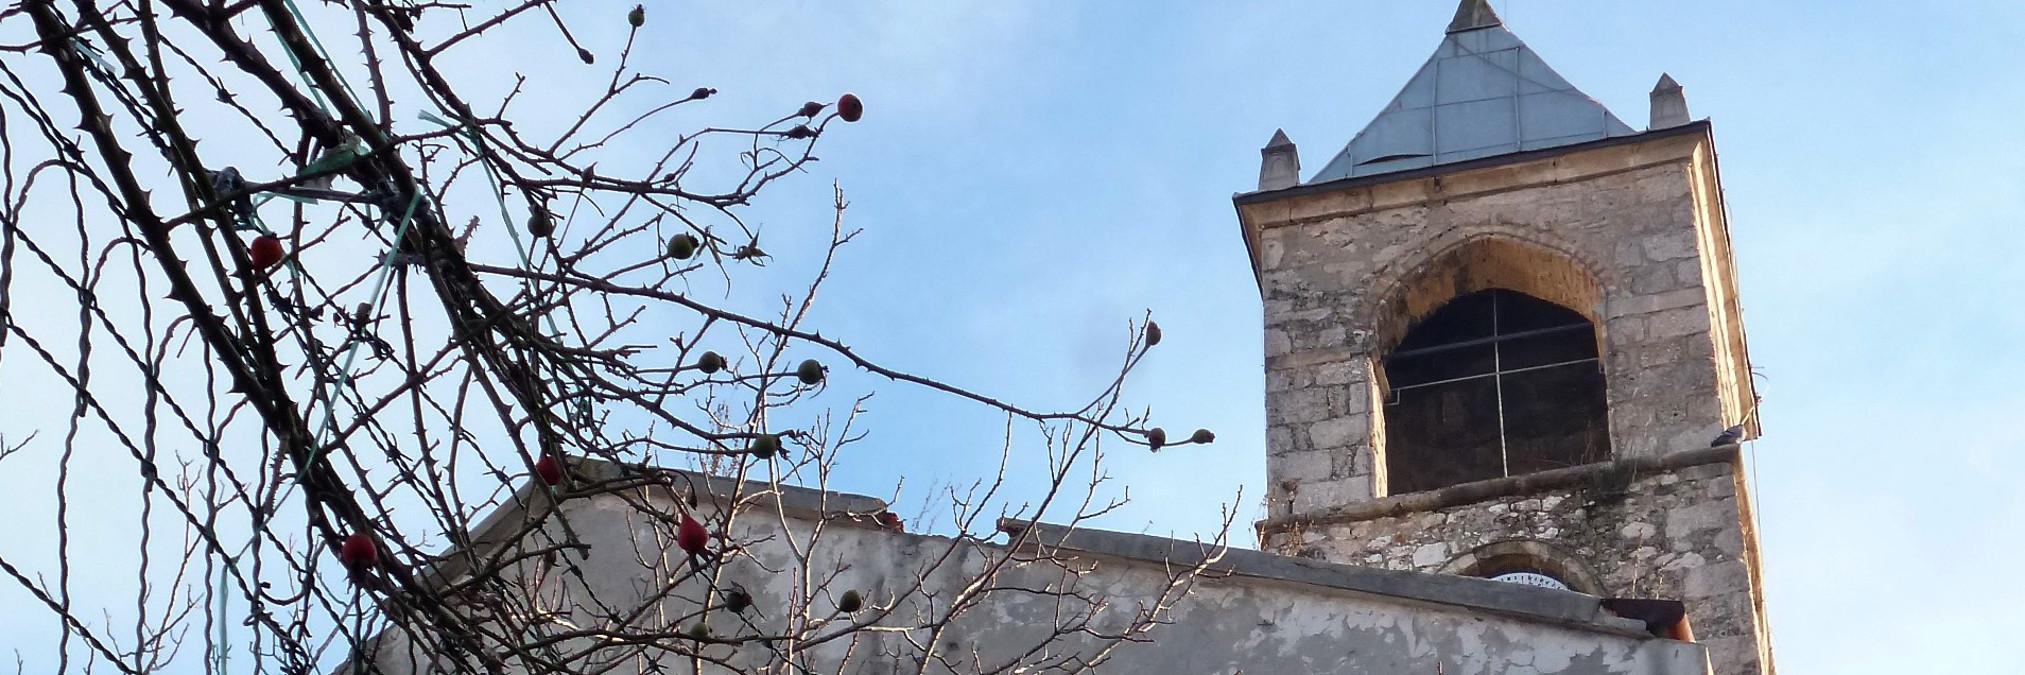 Часовая башня в Мостаре